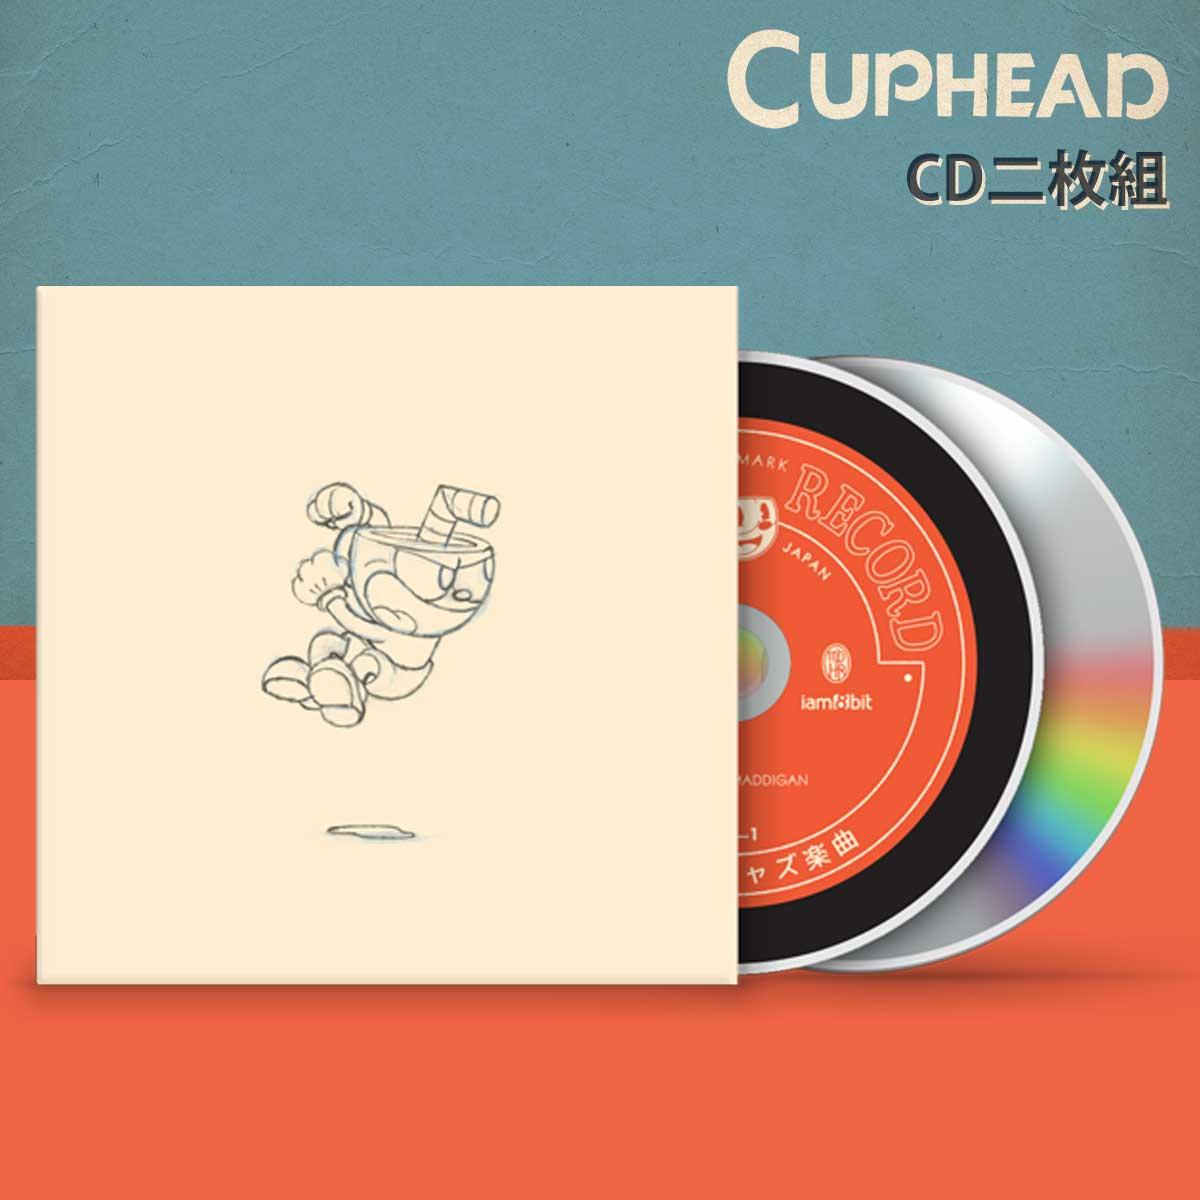 カップヘッドPS4版配信開始&公式サントラCD『魅惑ノジャズ楽曲』も出るぞ!